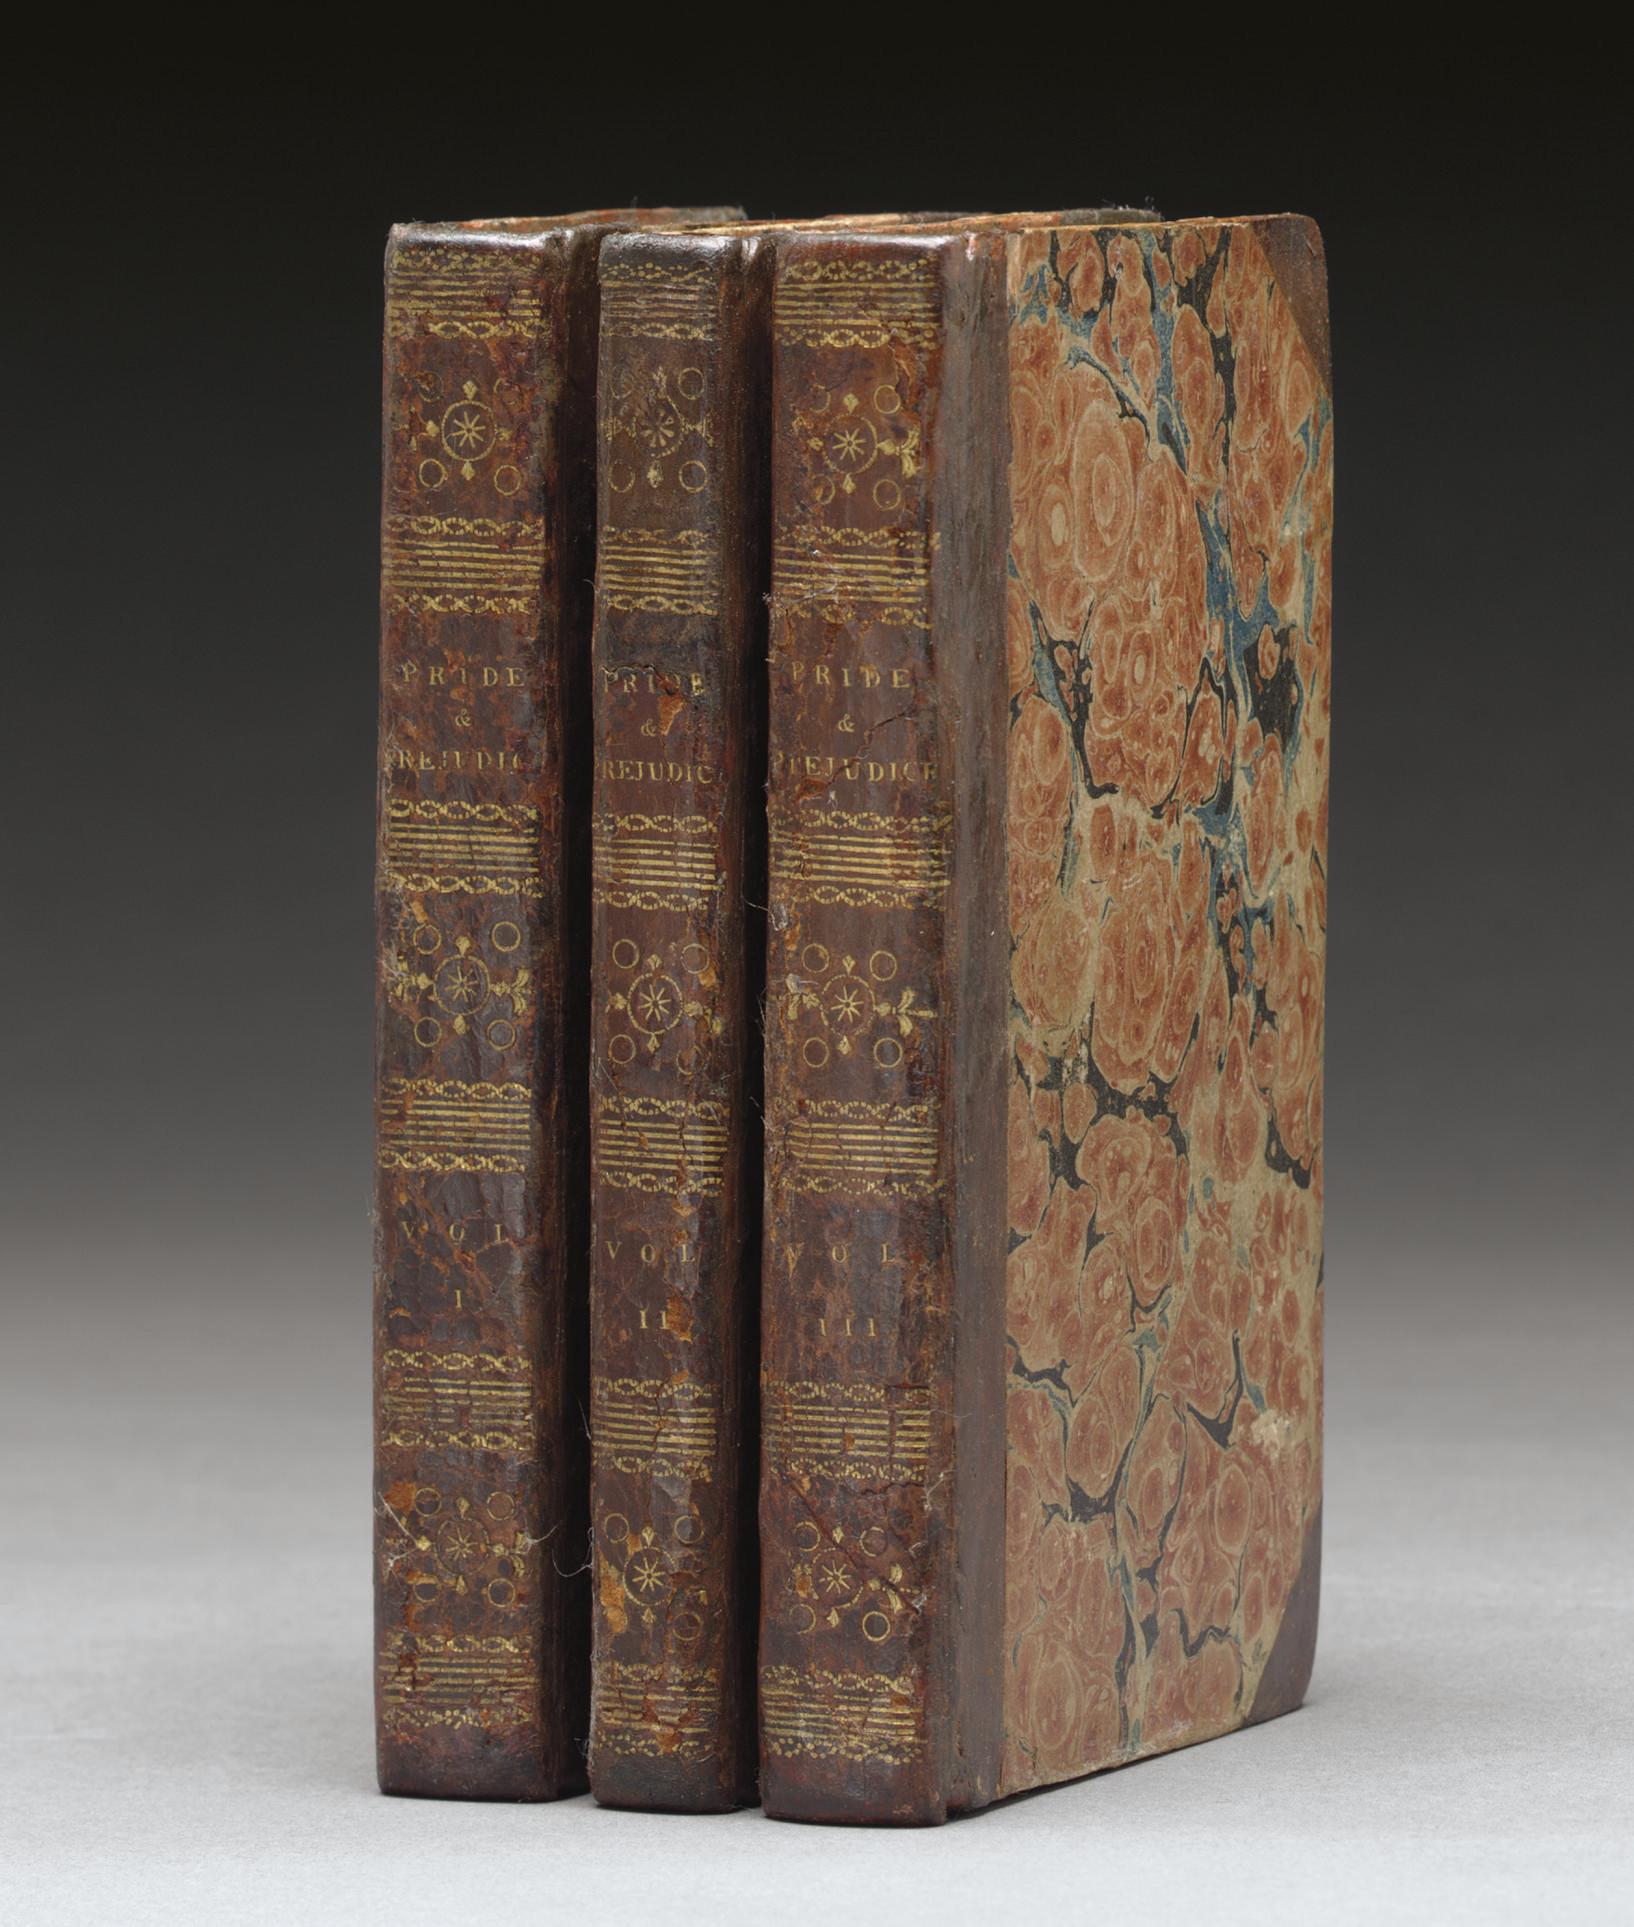 [AUSTEN, Jane (1775-1817)]. Pr